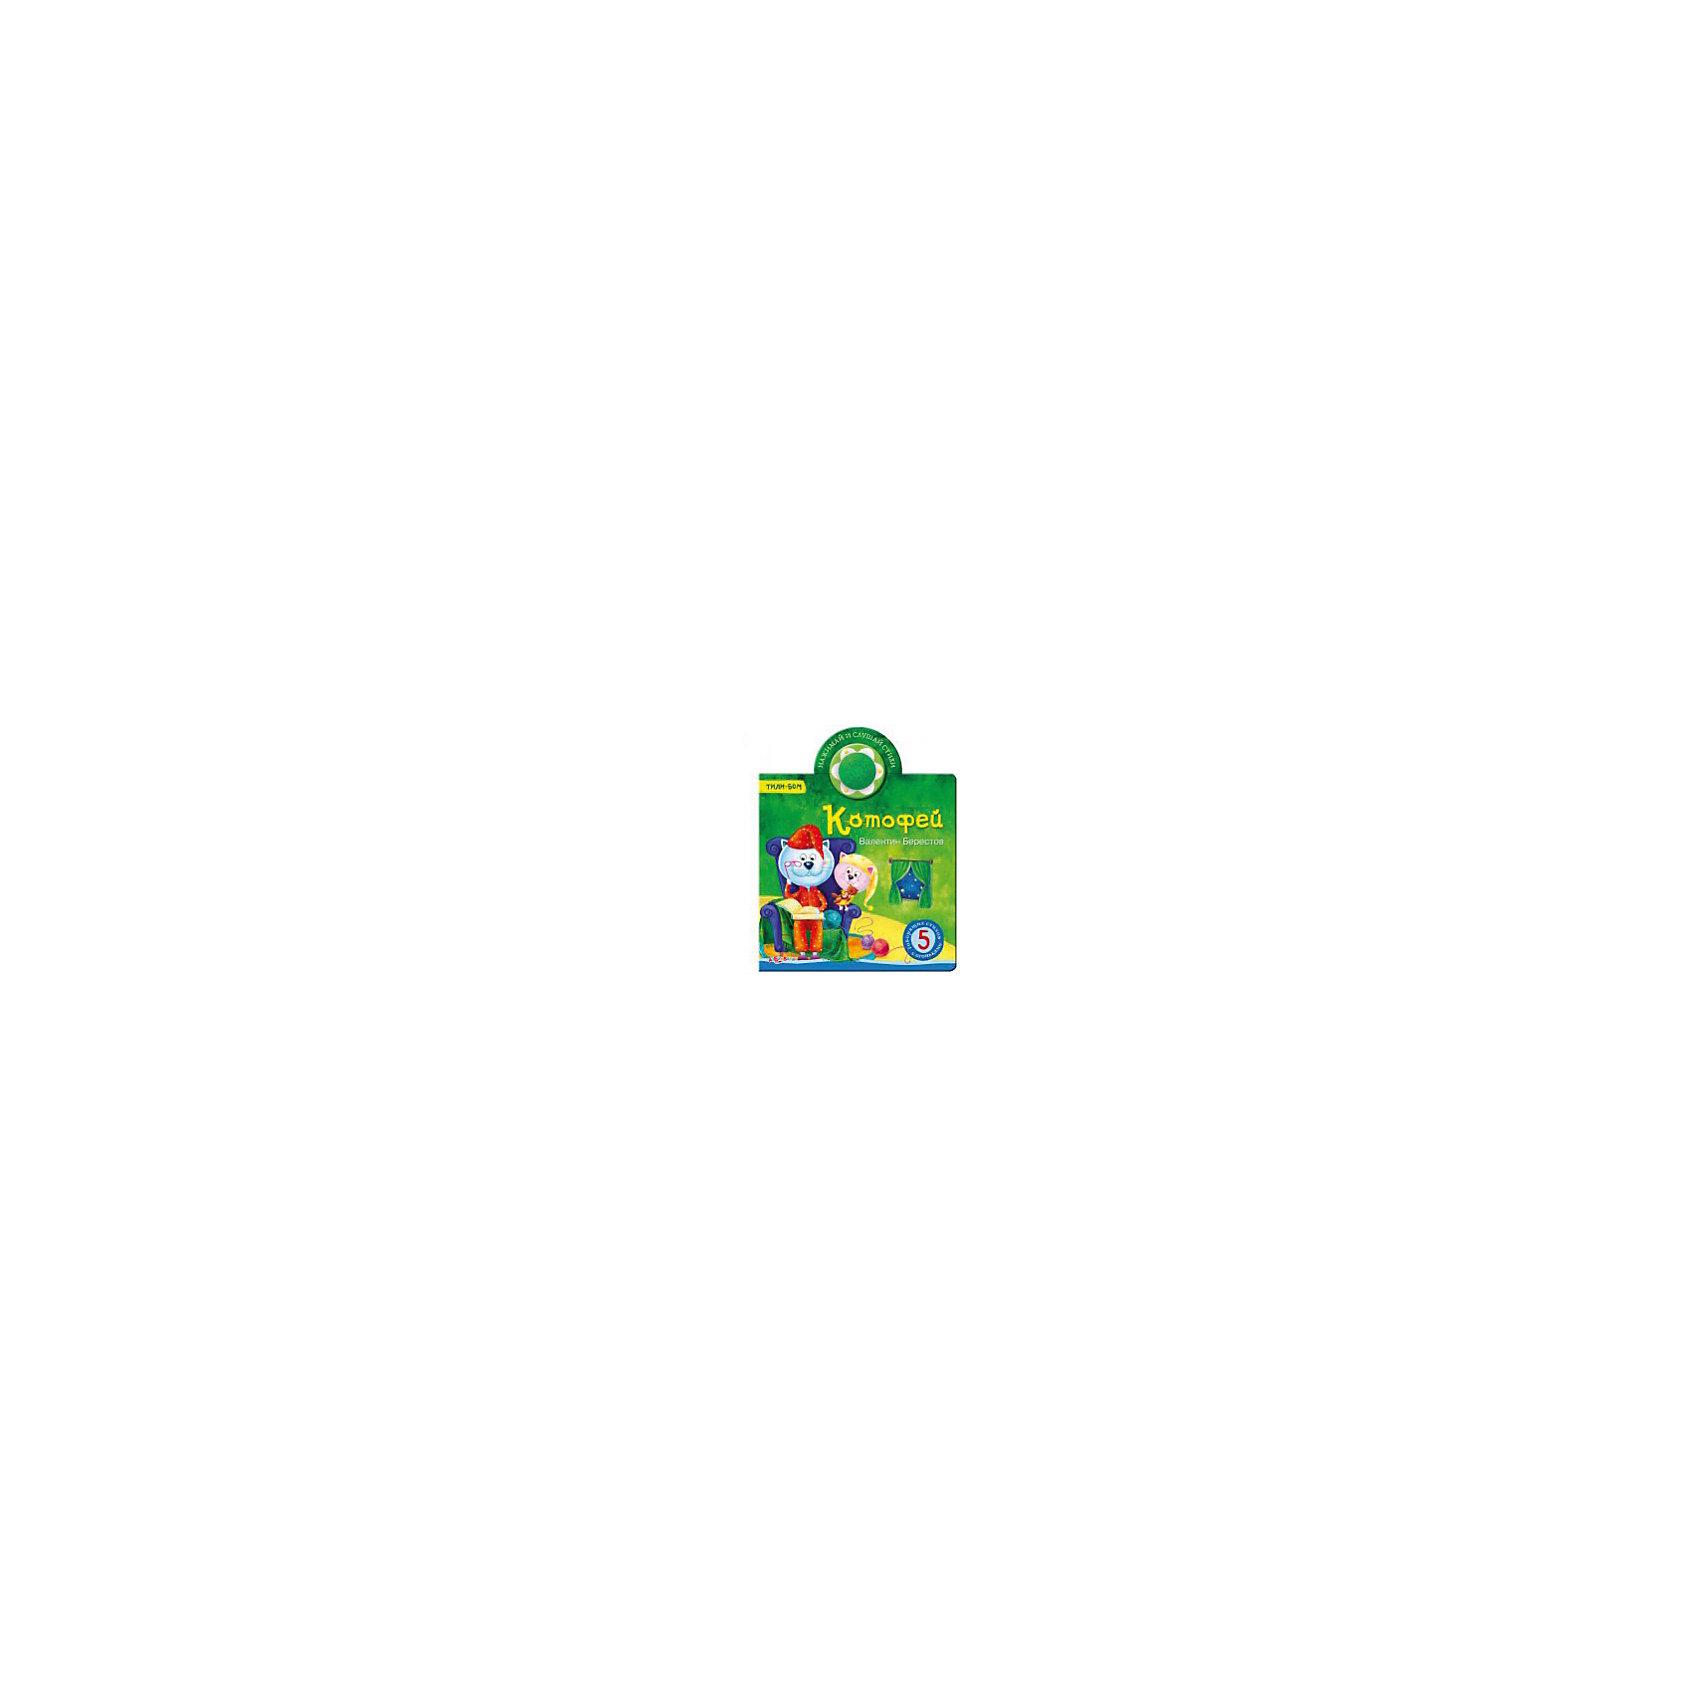 Книга со звуковым модулем КотофейКрасочно проиллюстрированные стихи Валентина Берестова обязательно понравятся малышам! Нажимай на кнопочку, слушай веселые стихи в прекрасном исполнении и смотри, как переливаются разноцветные огоньки.<br>Плотная обложка и картонные страницы идеально подойдут даже для самых юных и активных читателей. <br><br>Дополнительная информация:<br><br>- Автор: Валентин Берестов. <br>- Формат: 17х21 см.<br>- Количество страниц: 10.<br>- Обложка: картон.<br>- Иллюстрации: цветные.<br>- Плотные картонные страницы. <br>- Звуковой модуль. <br>- Элемент питания: батарейки (в комплекте). <br><br>Книгу со звуковым модулем Котофей можно купить в нашем магазине.<br><br>Ширина мм: 17<br>Глубина мм: 21<br>Высота мм: 17<br>Вес г: 240<br>Возраст от месяцев: 24<br>Возраст до месяцев: 48<br>Пол: Унисекс<br>Возраст: Детский<br>SKU: 4951799